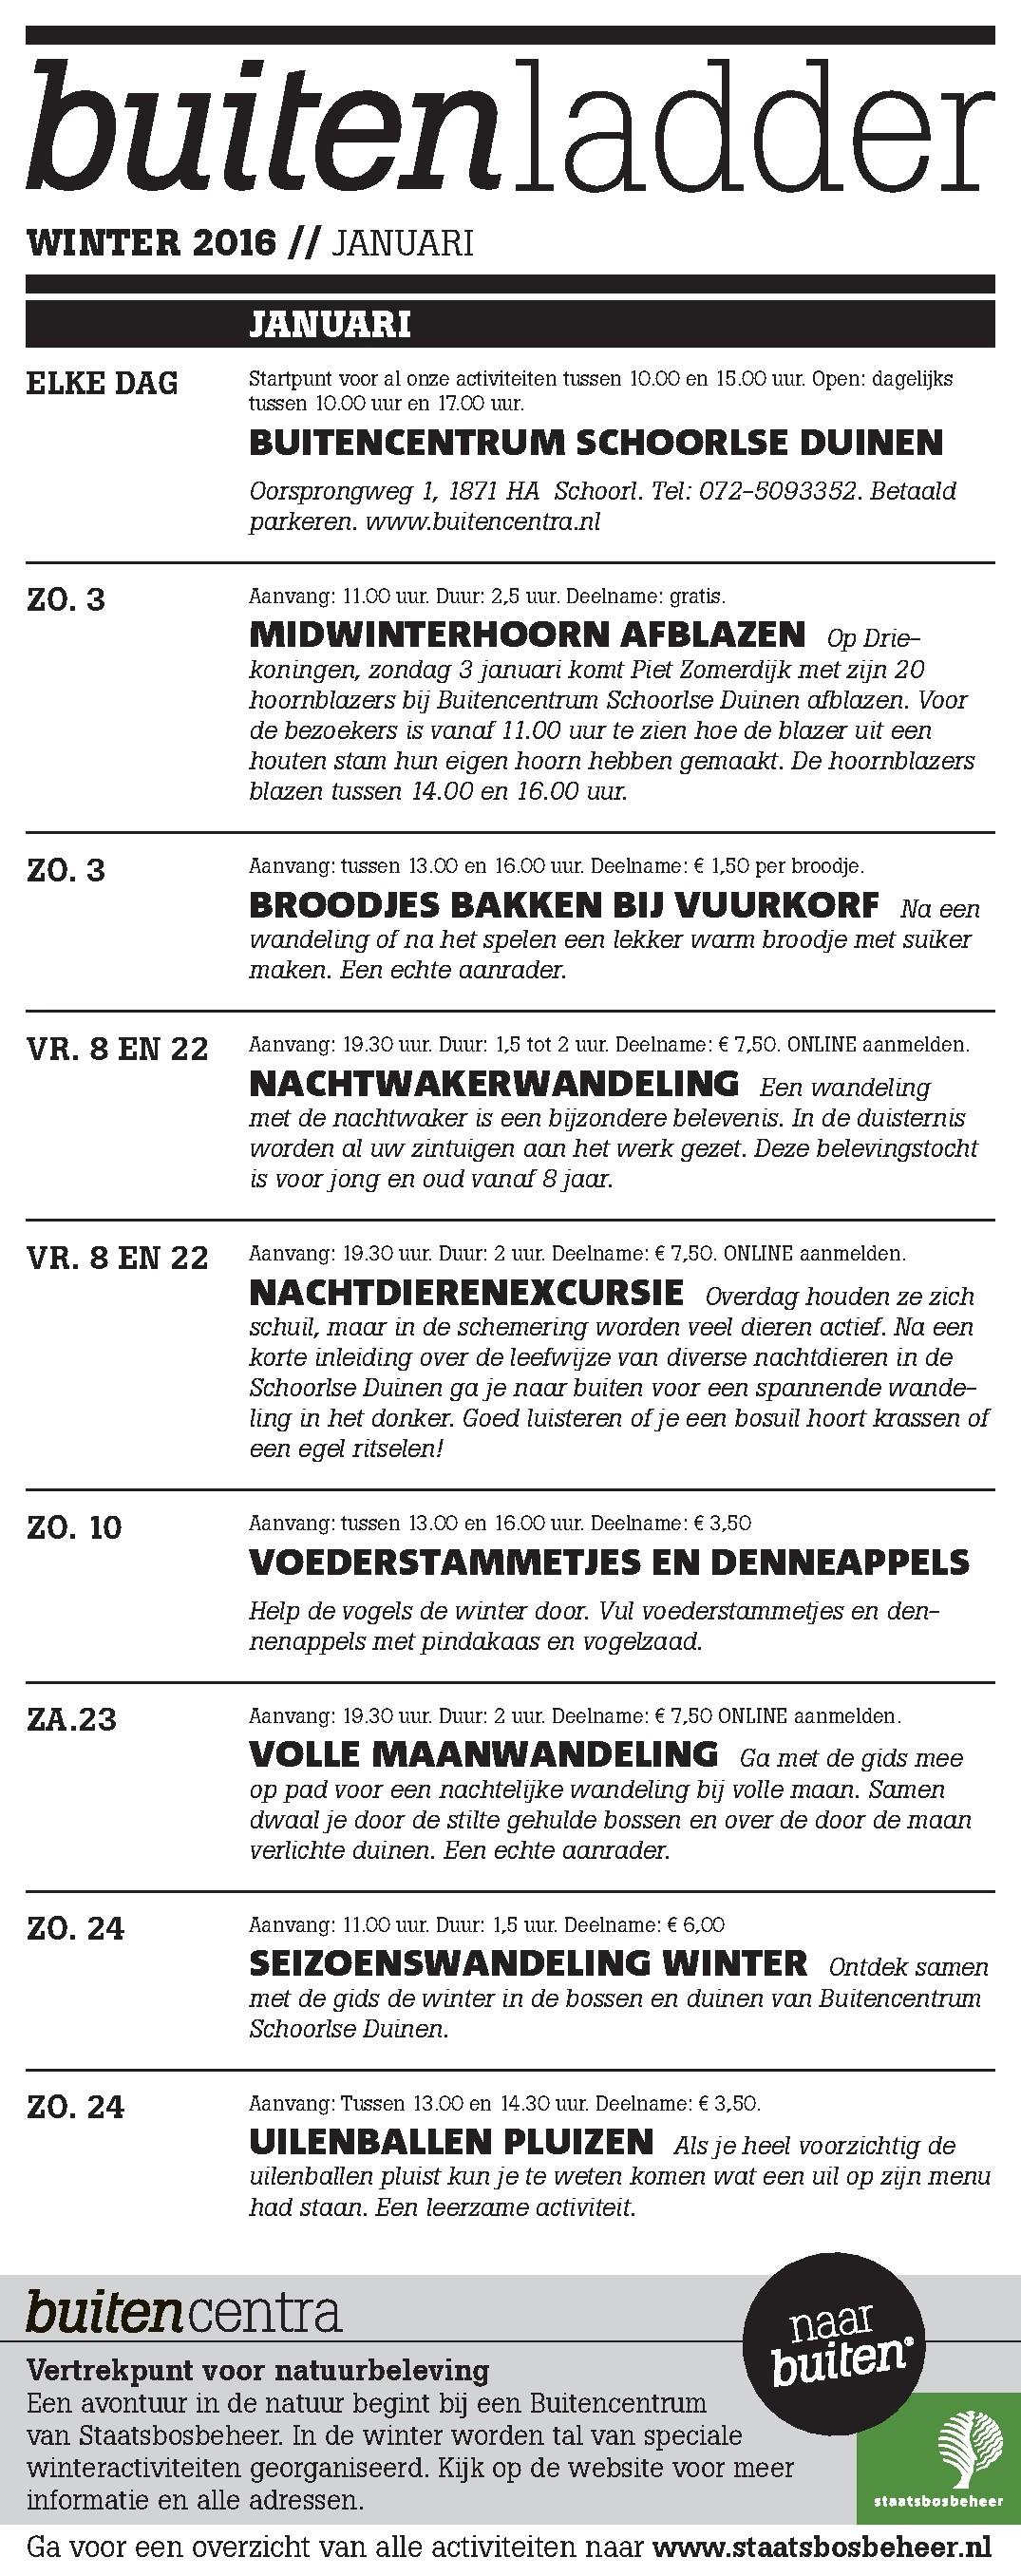 Buitenladder Januari 2016 100%